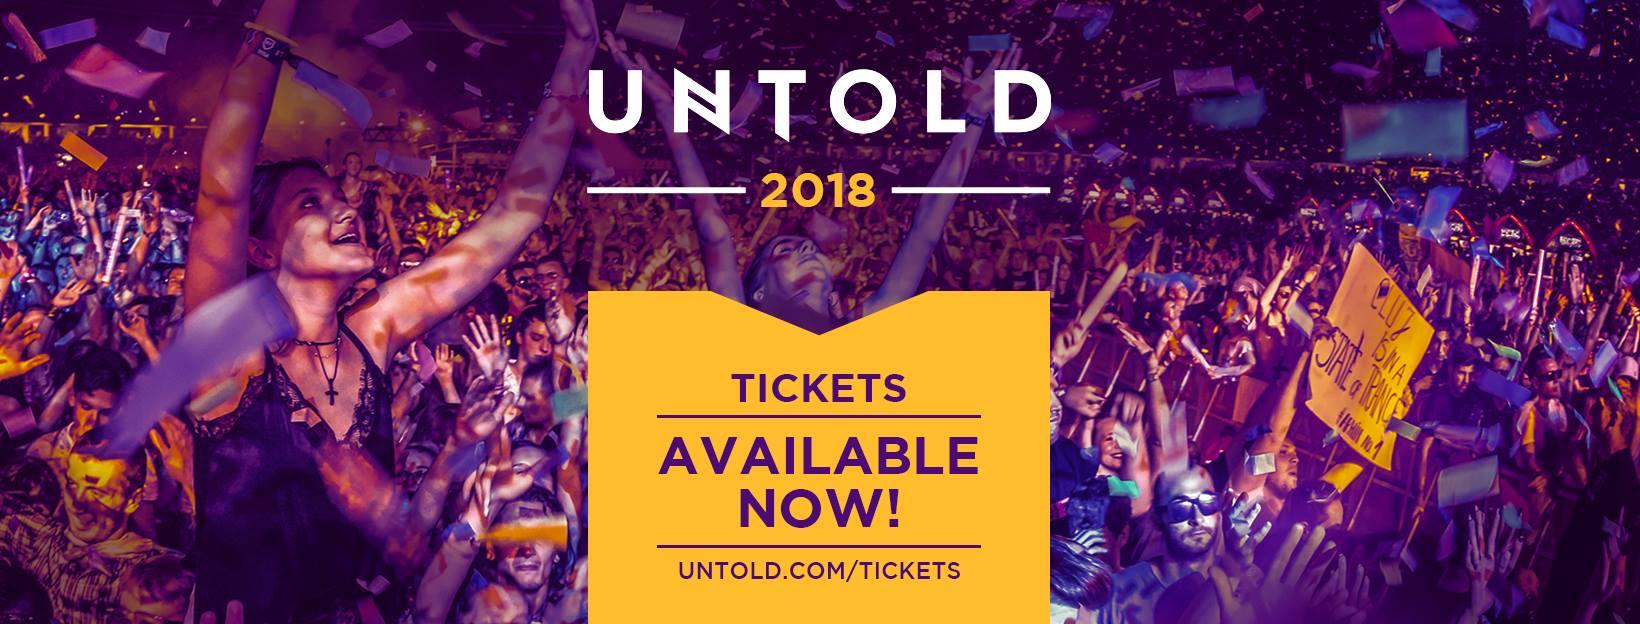 Abonamente UNTOLD la preț special disponibile tuturor până în data de 15 Ianuarie 2018